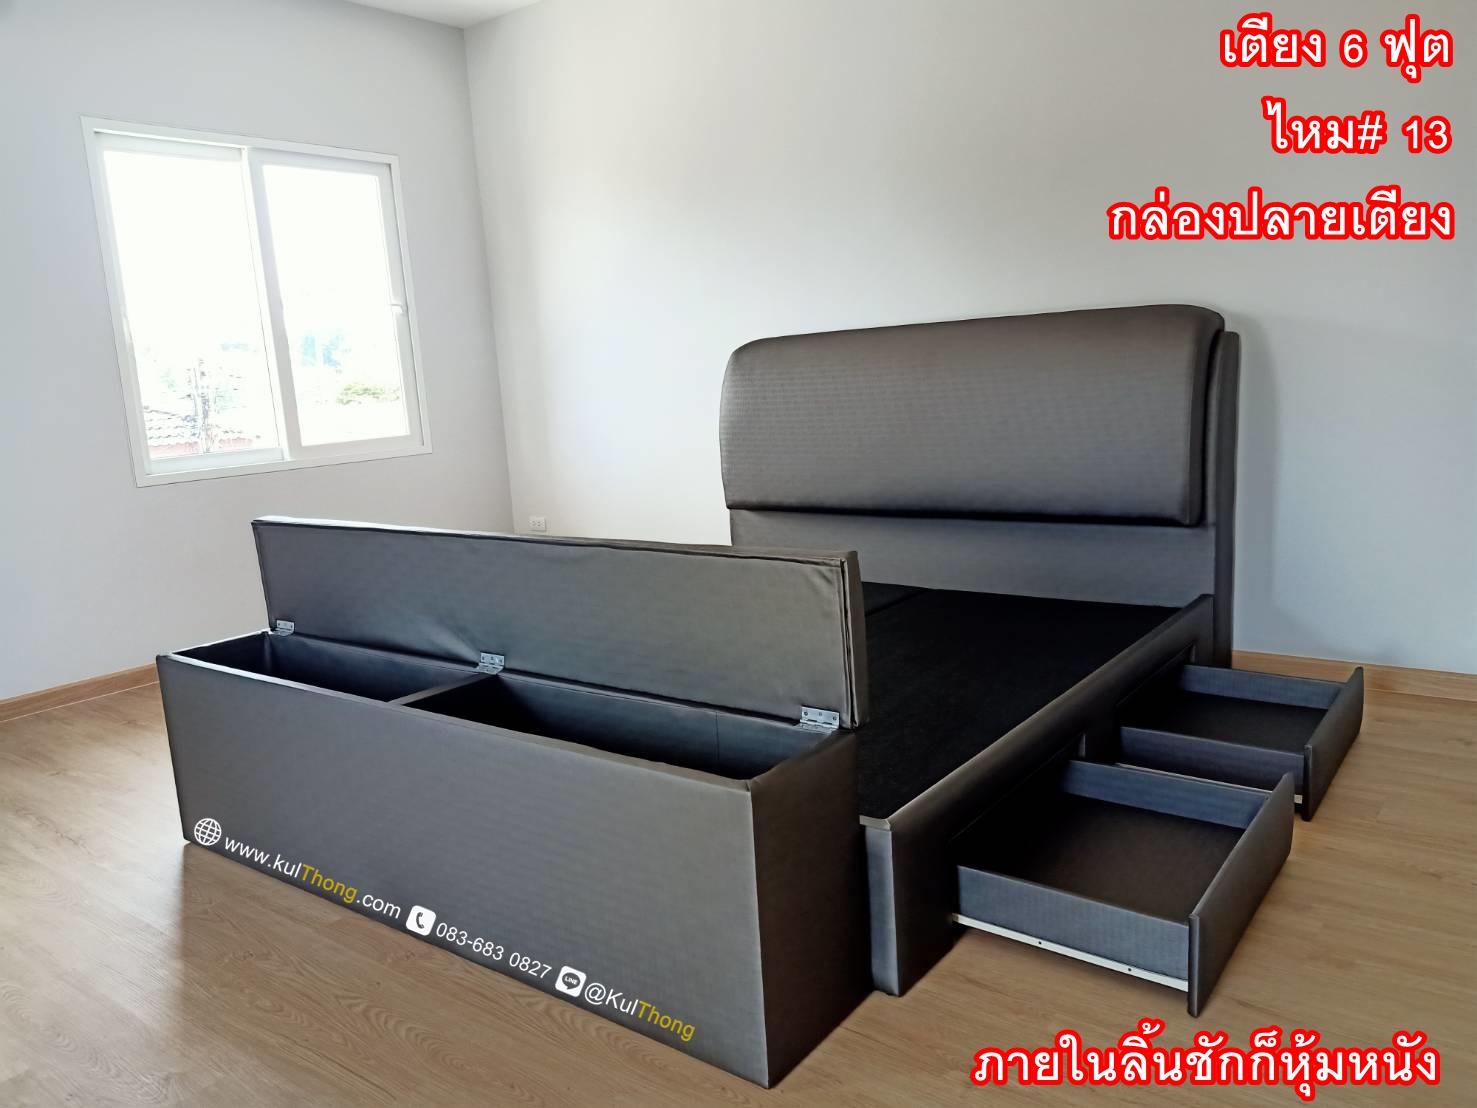 เตียงมีกล่องปลายเตียง เตียงลิ้นชัก ฐานรองที่นอน